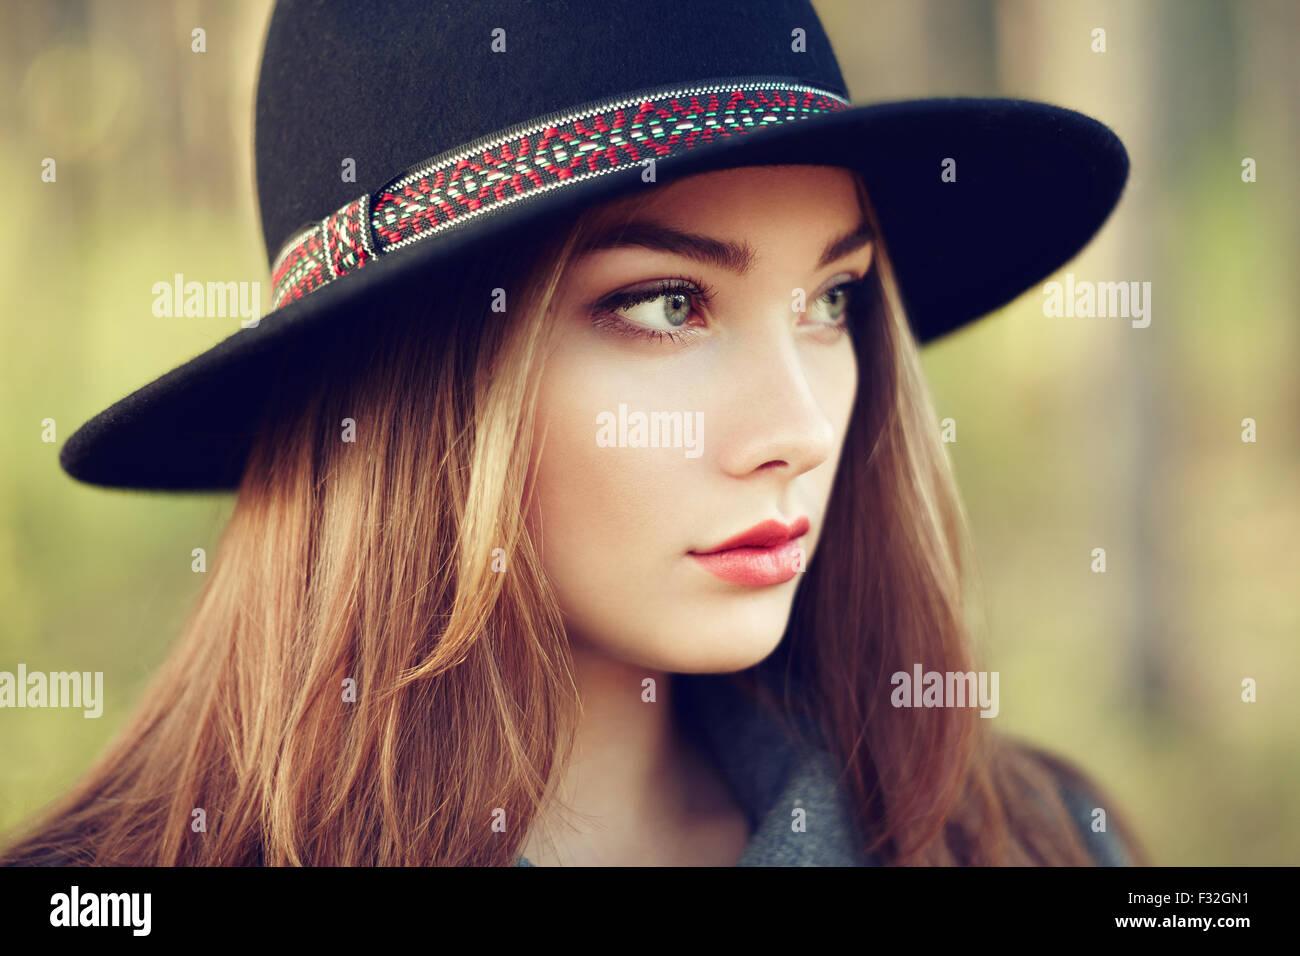 Portrait von junge schöne Frau im Herbst Mantel. Mädchen mit Hut. Modefoto Stockbild